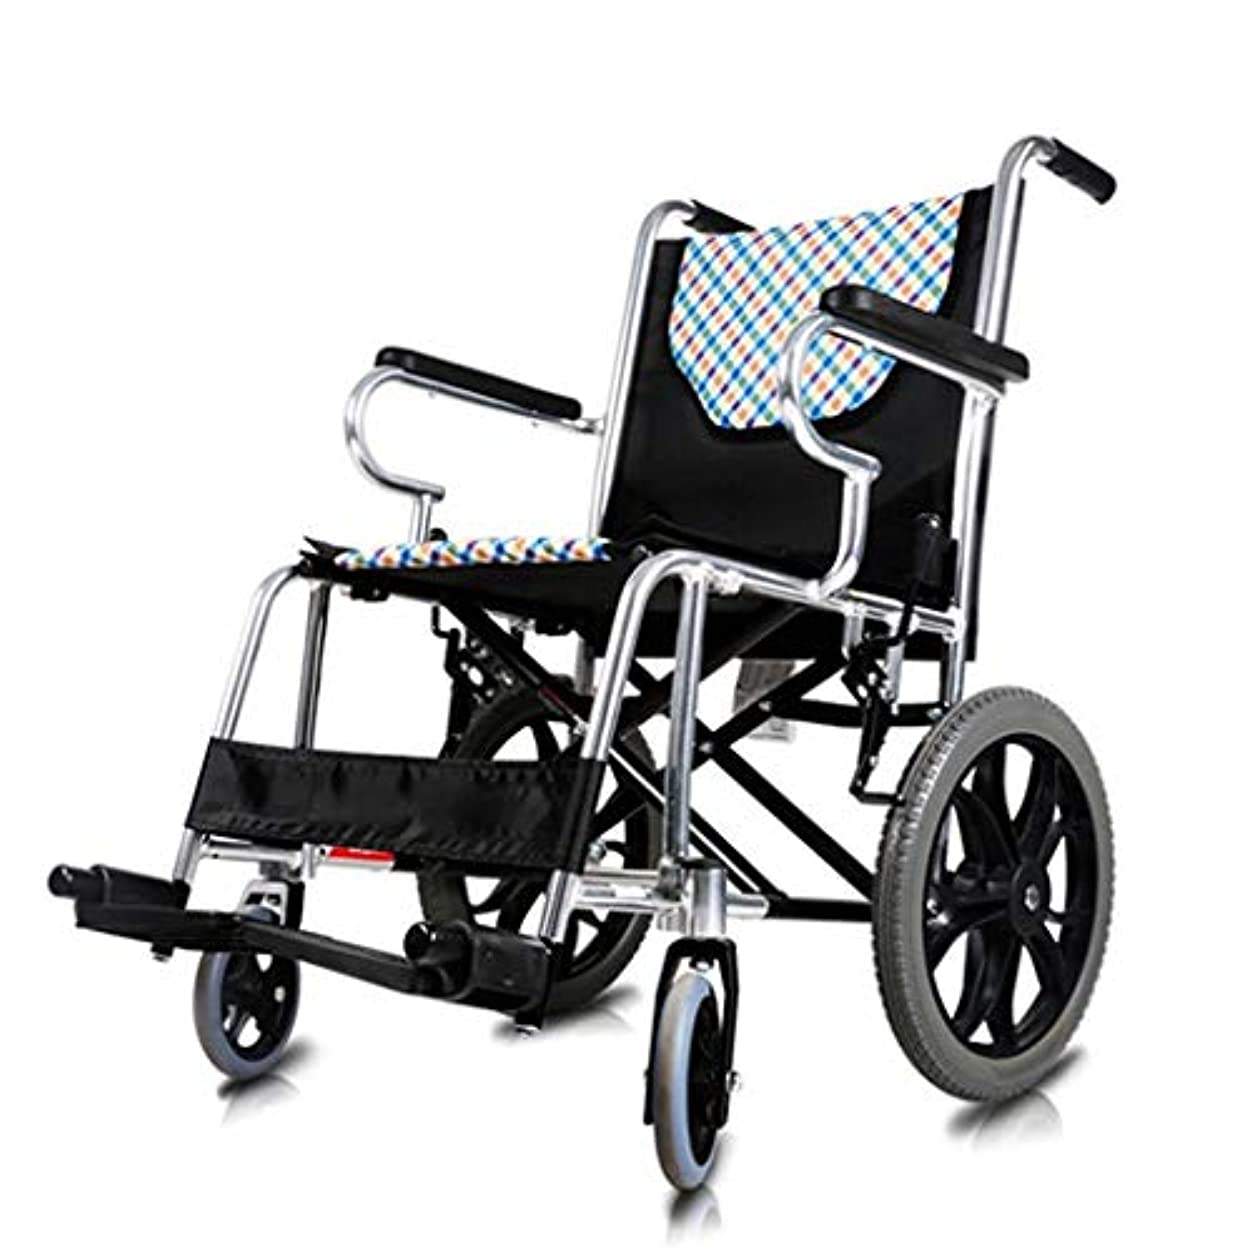 積分不確実加入折り畳み式の車椅子手動軽量アルミニウム合金。高齢者、障害者、およびリハビリテーション患者のための車椅子